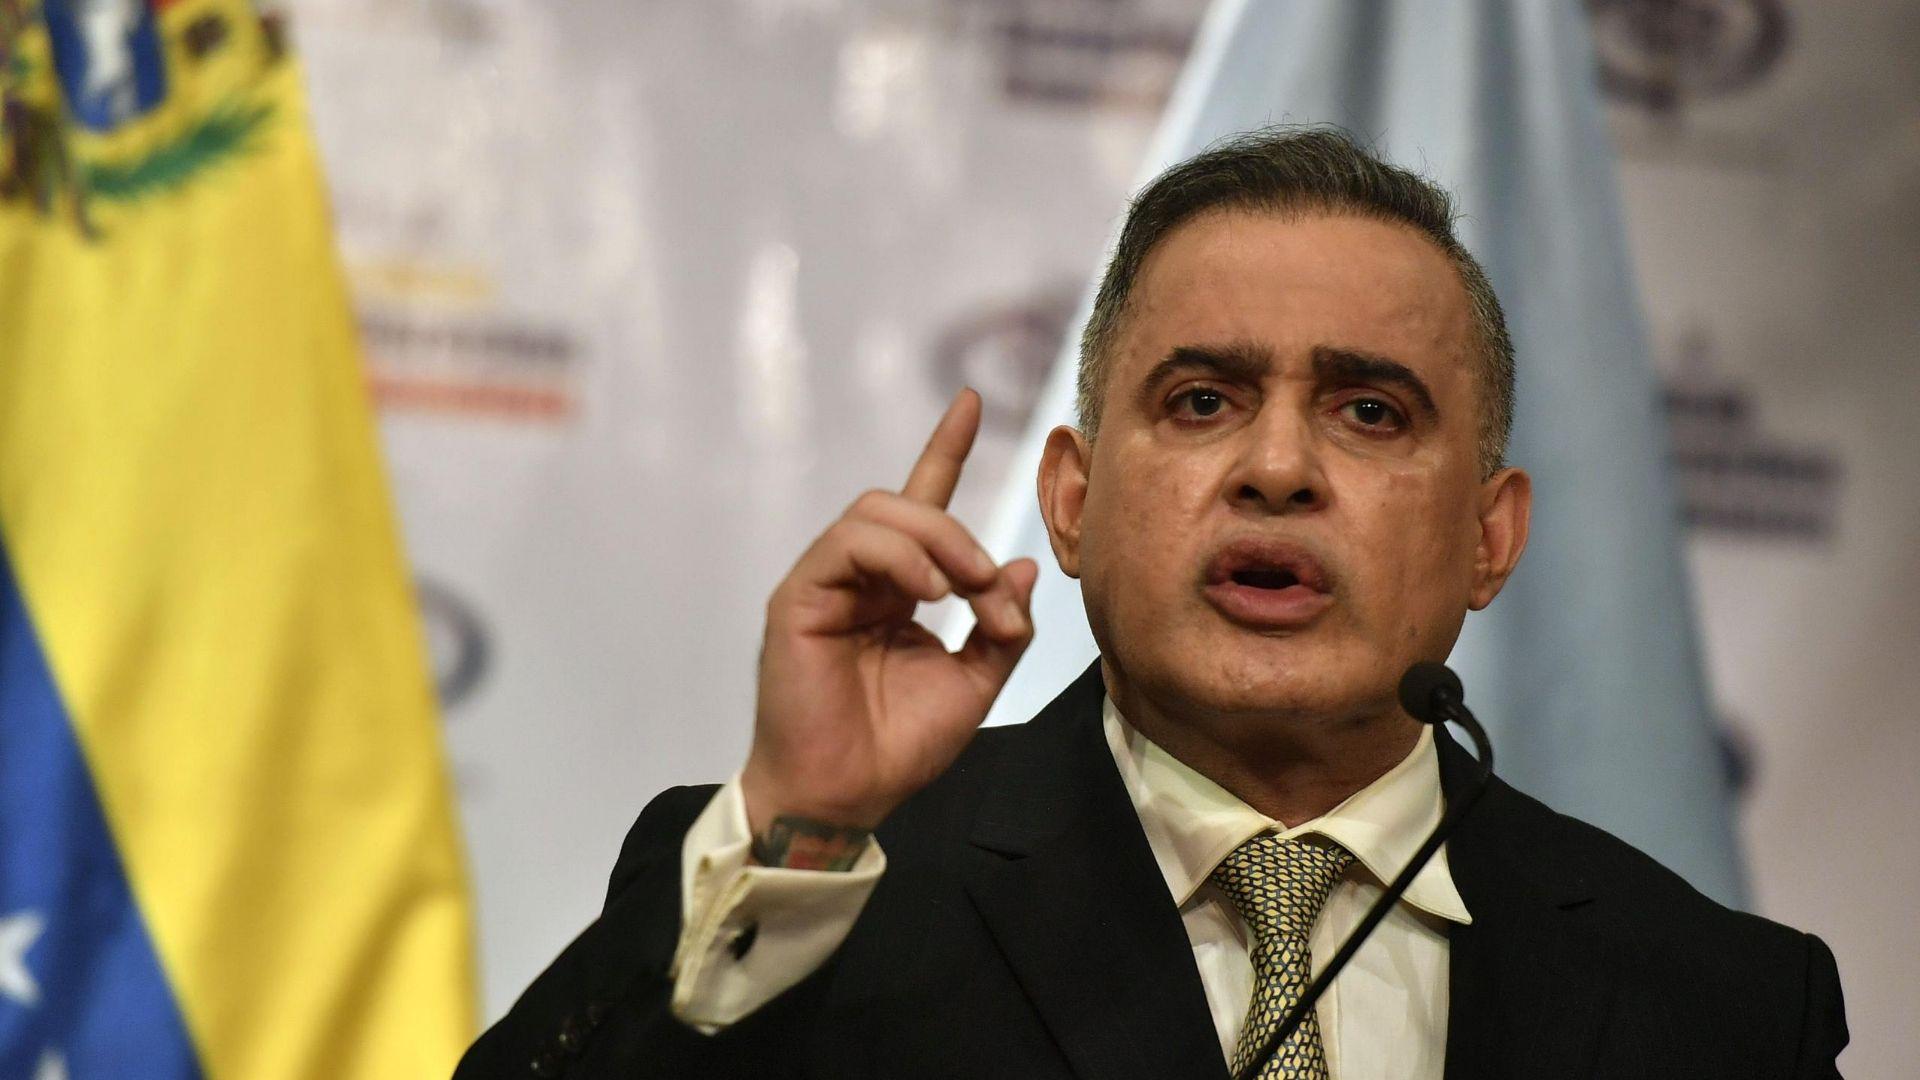 Saab anunció desmantelamiento de red de trata de personas con nexos en Trinidad y Tobago